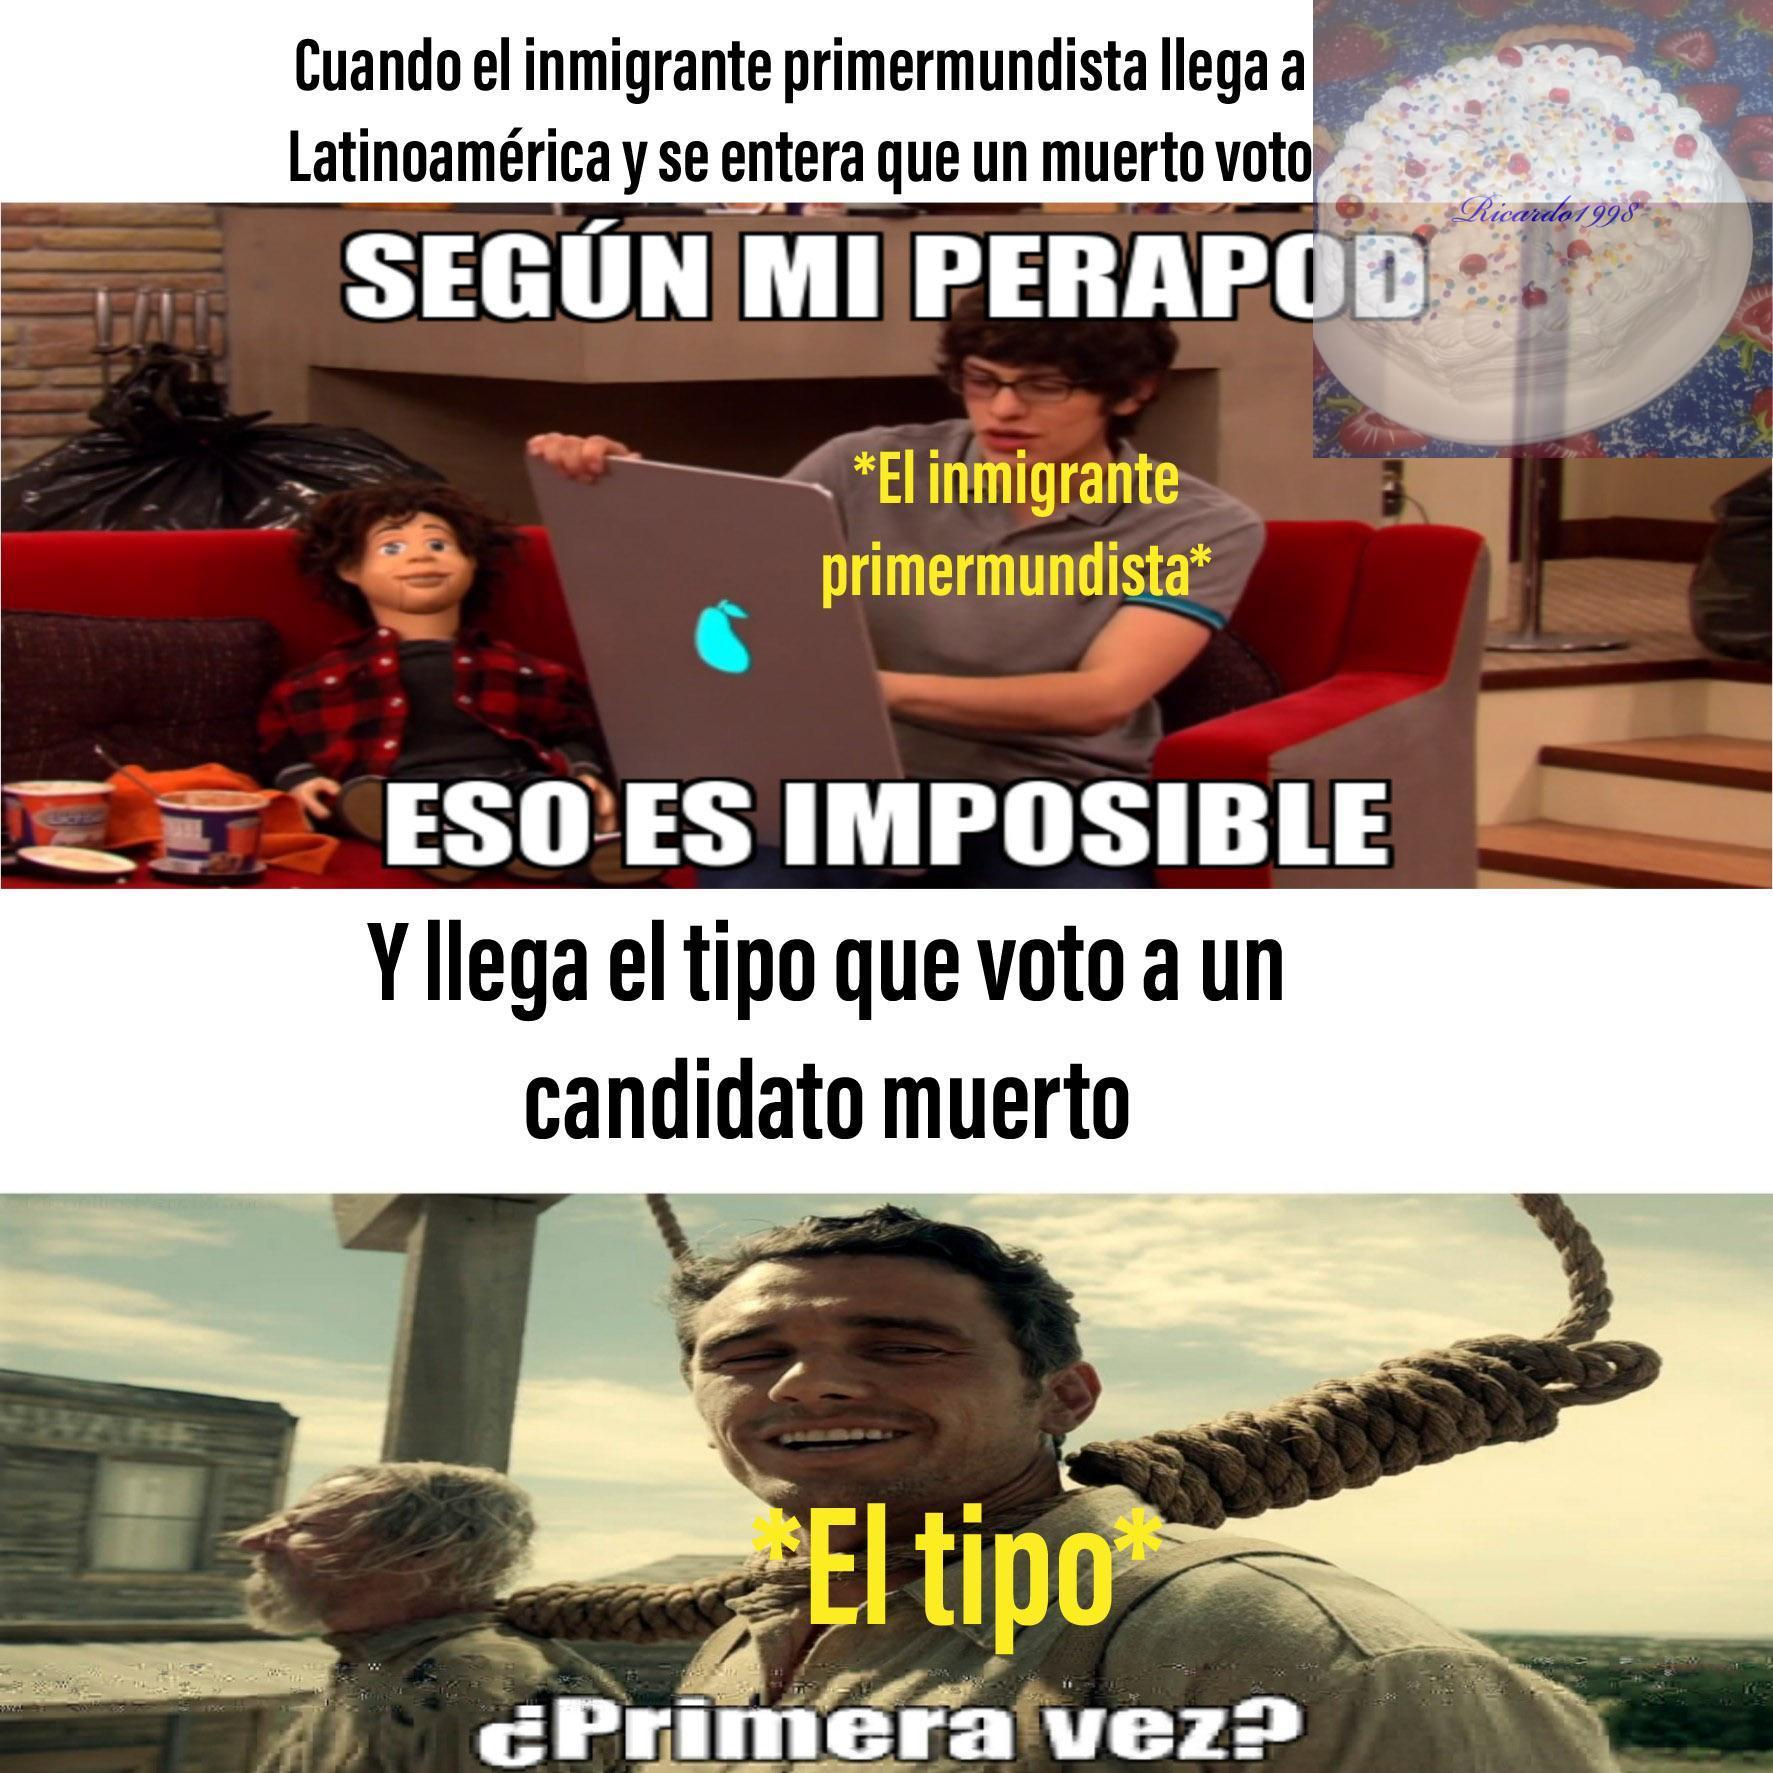 Cosas de Latinoamérica - meme